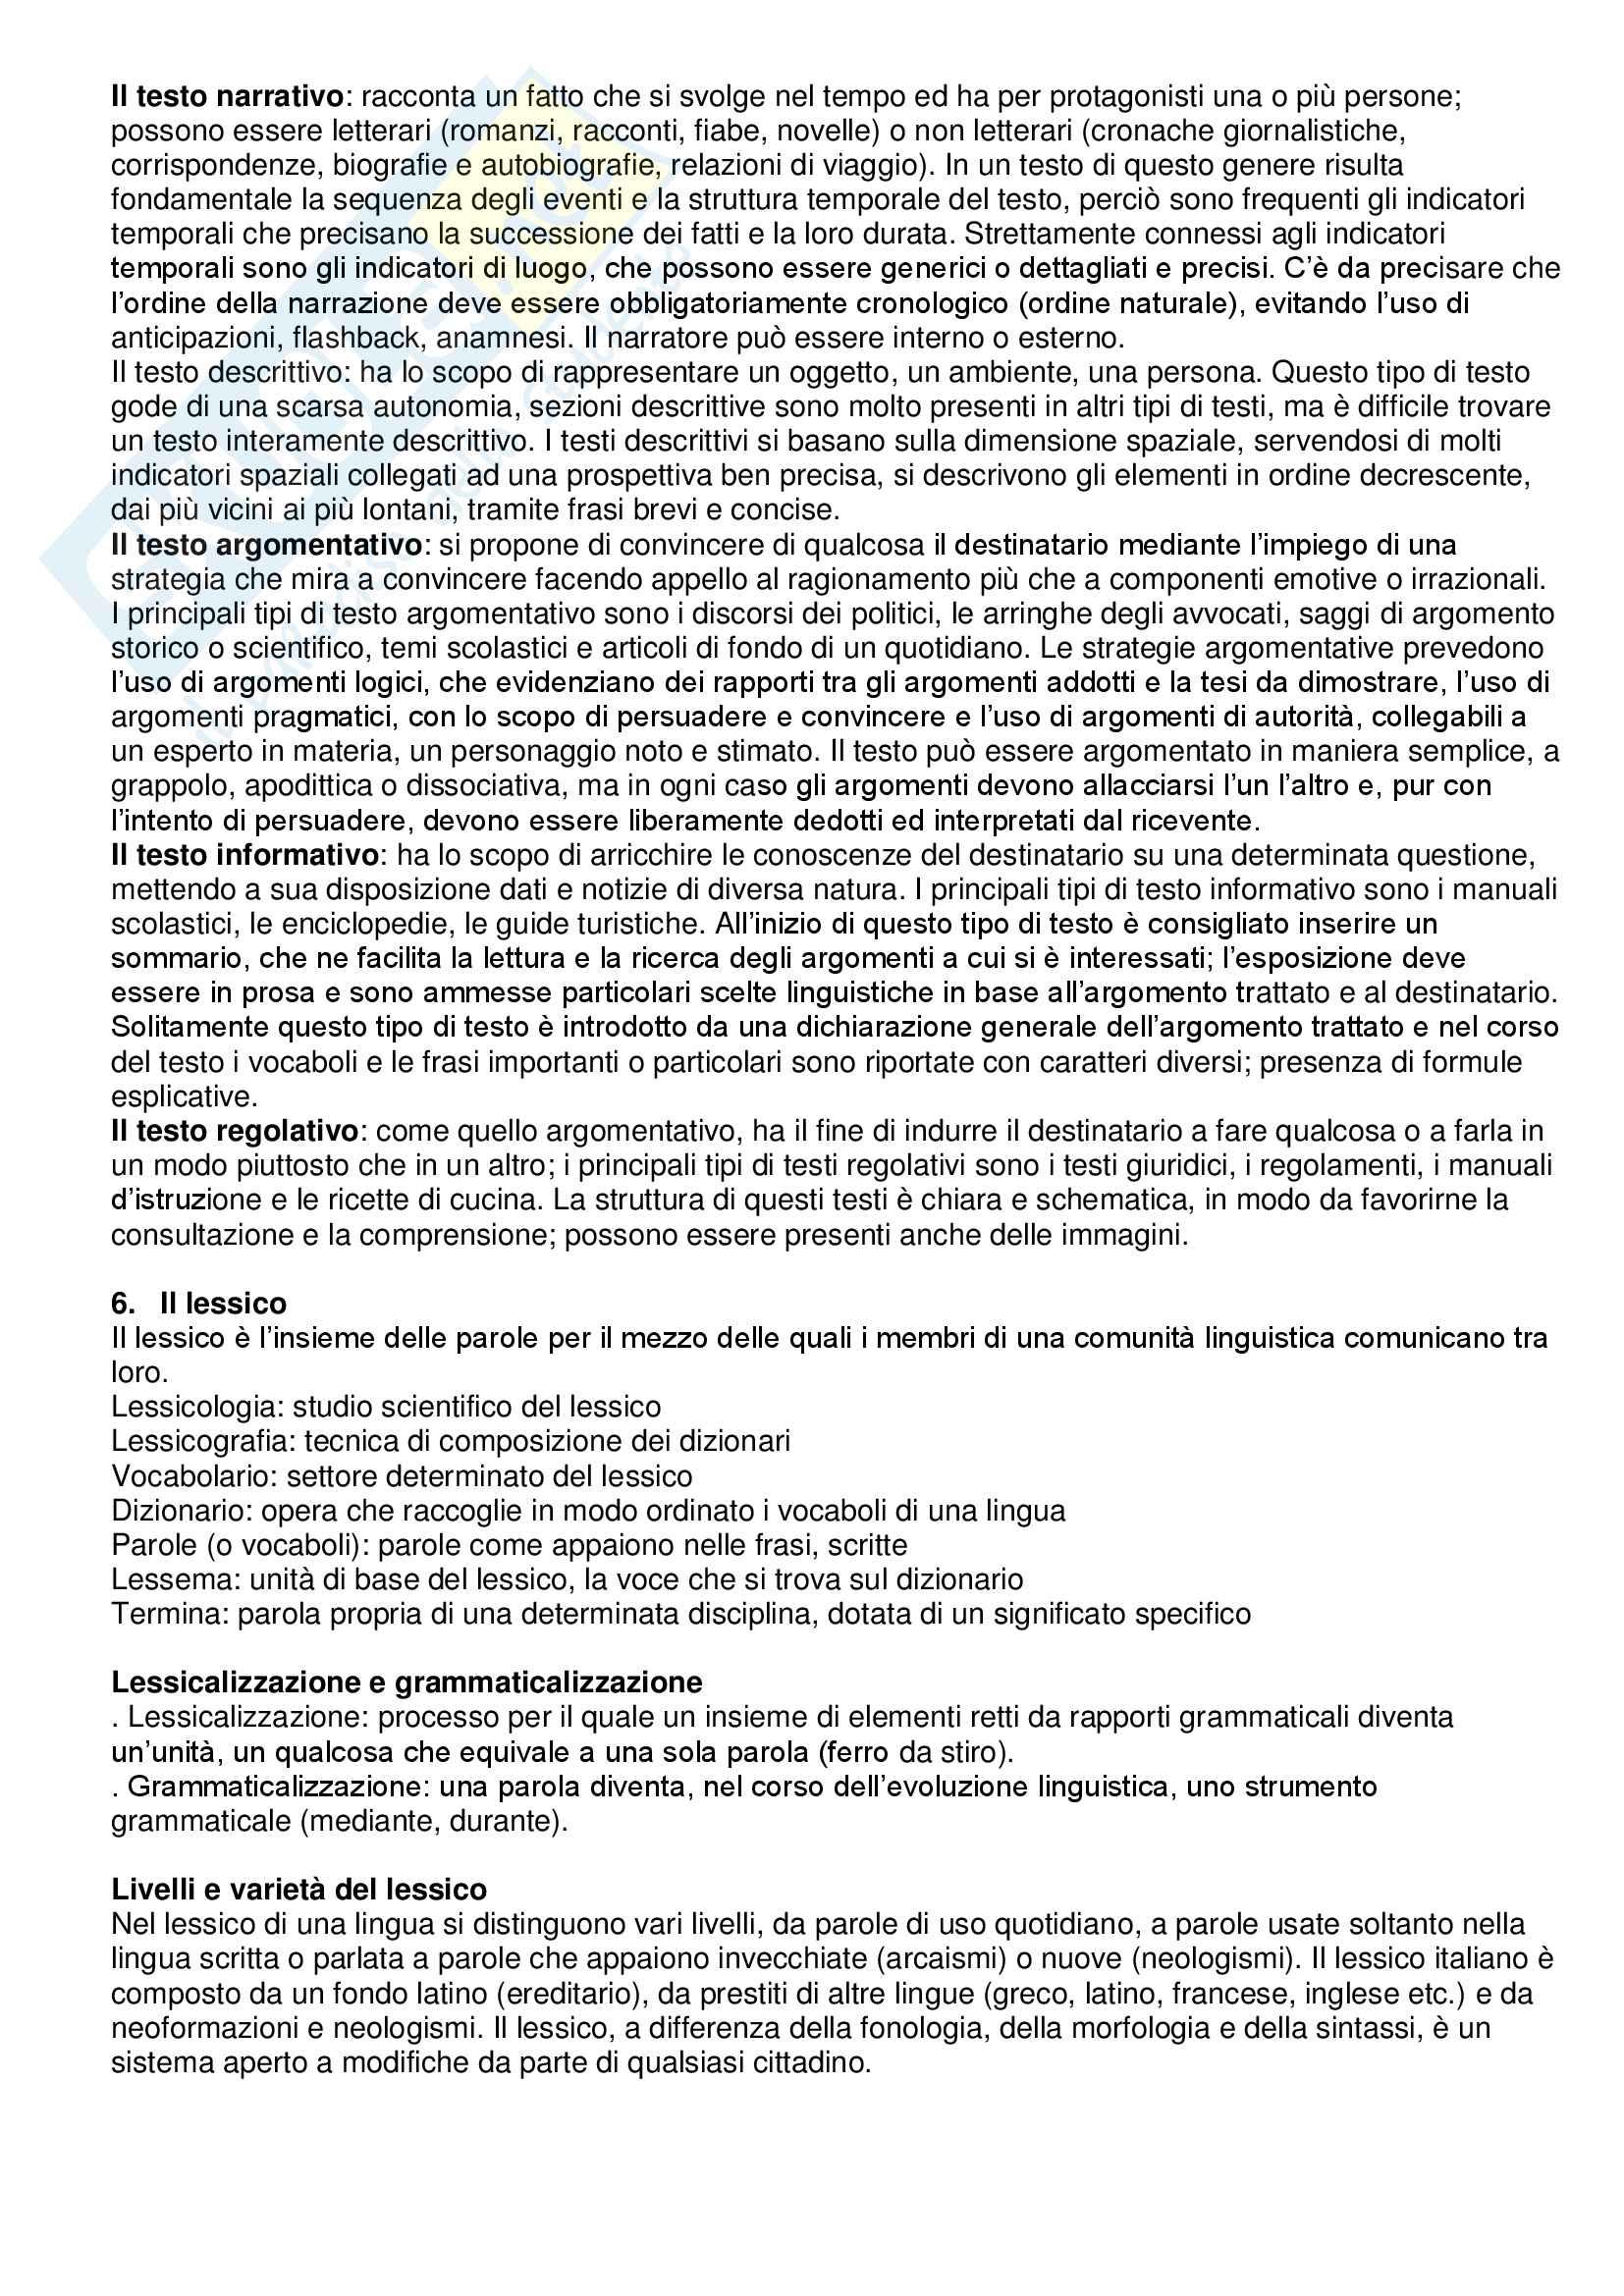 Linguistica Italiana Pag. 11